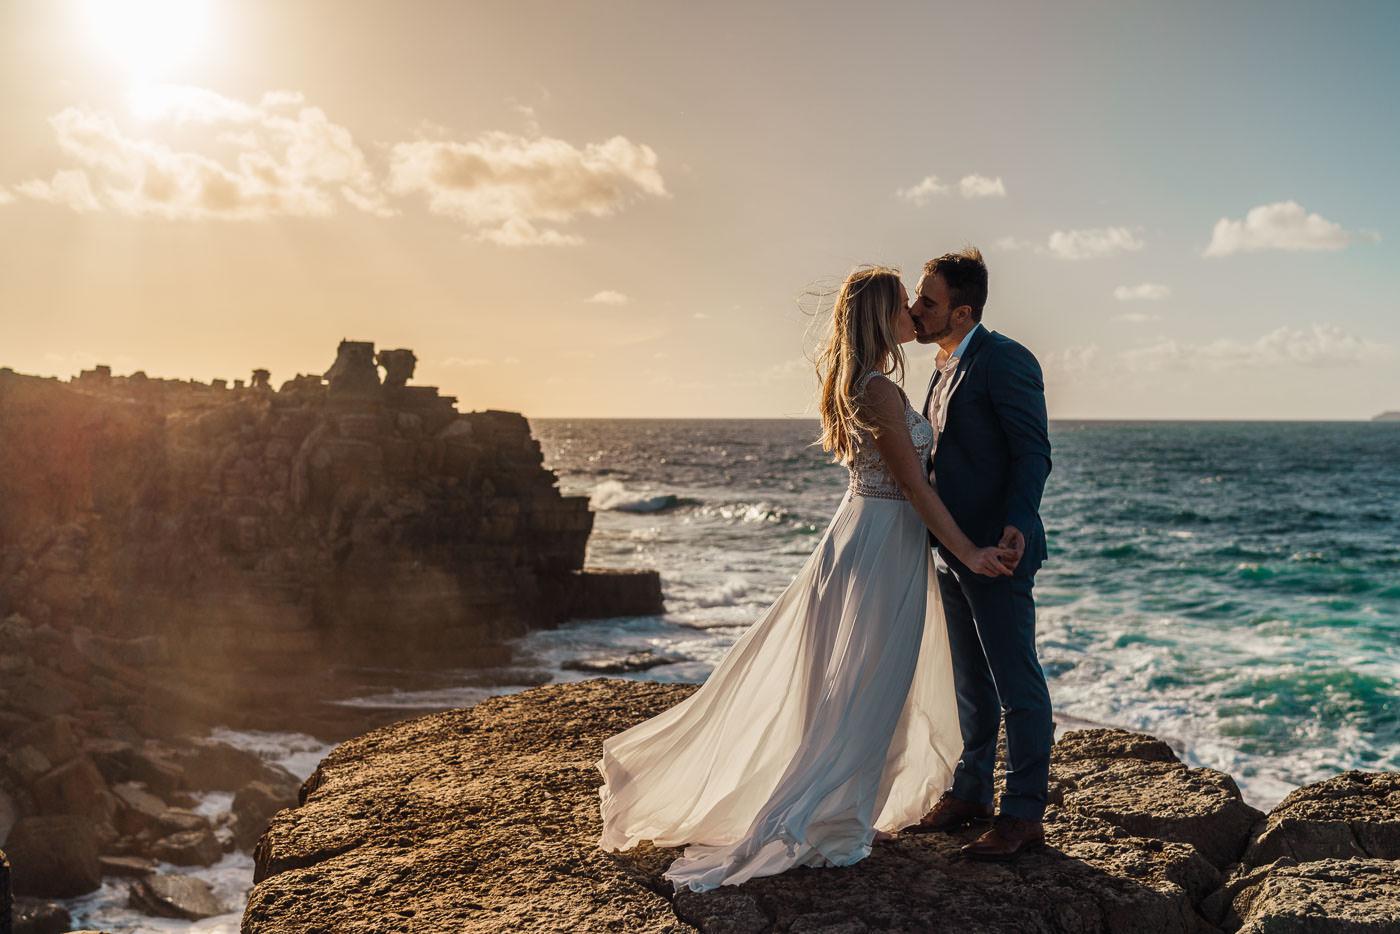 MEMO photo agency - svadobný fotograf - fotenie v zahraničí - fotografie Evka a Dávid- Portugal, Peniche - najkrajšie svadobné fotografie